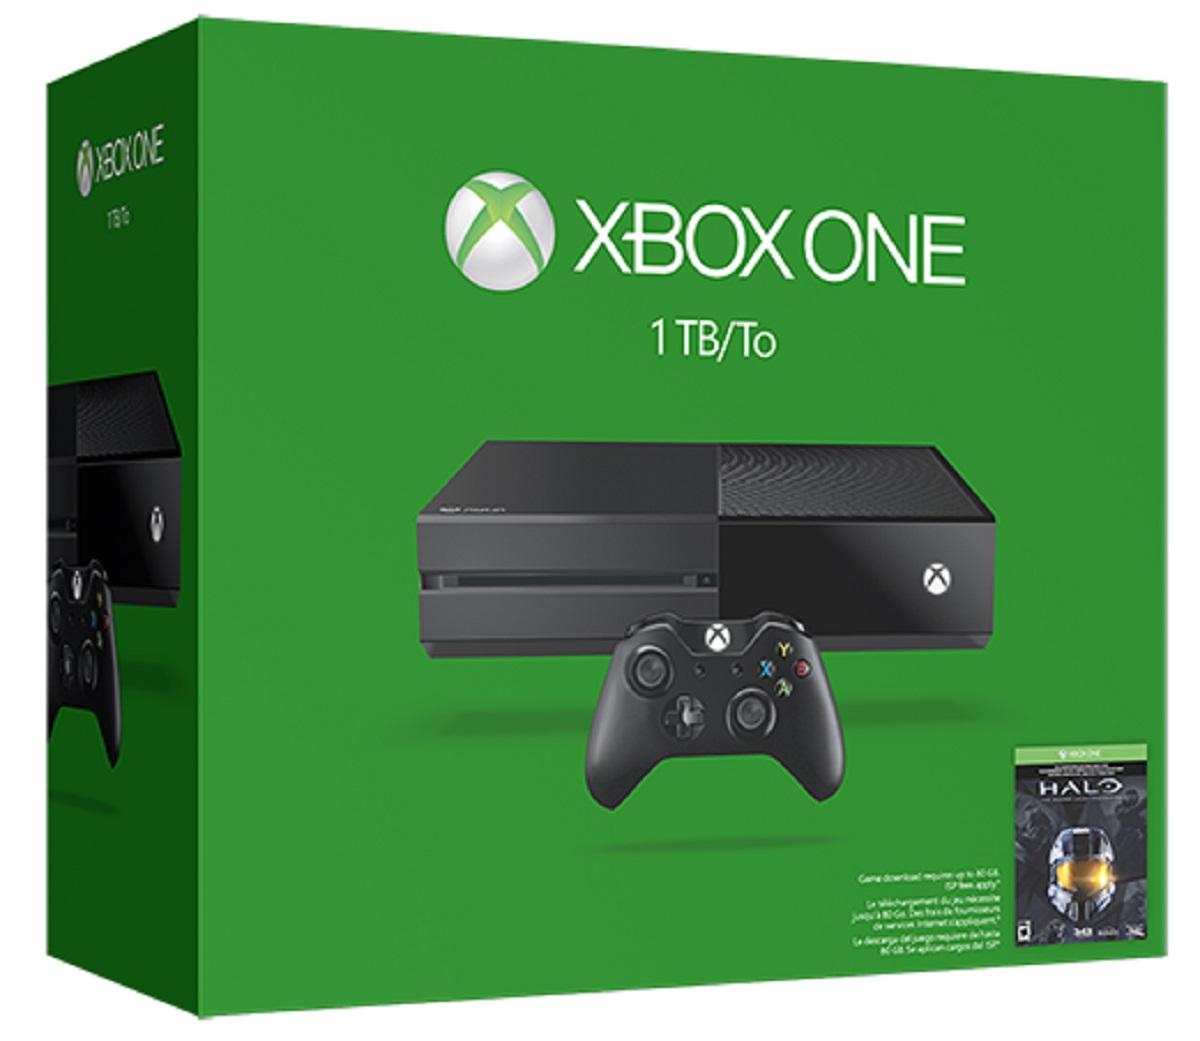 Xbox One 1TB System Pr...